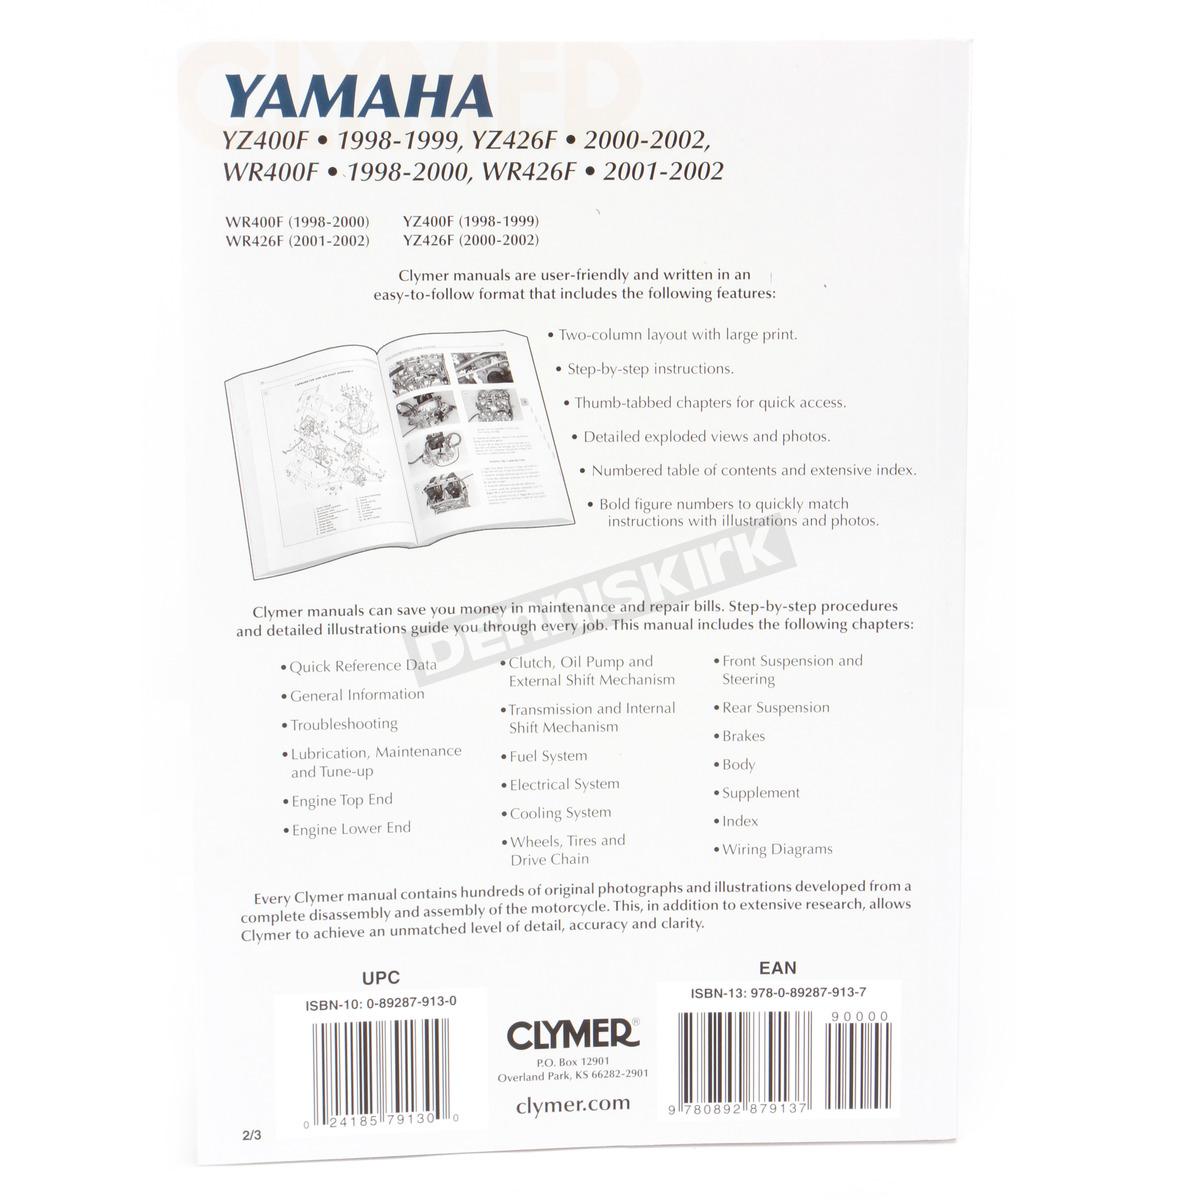 Clymer Yamaha Dirt Bike Repair Manual